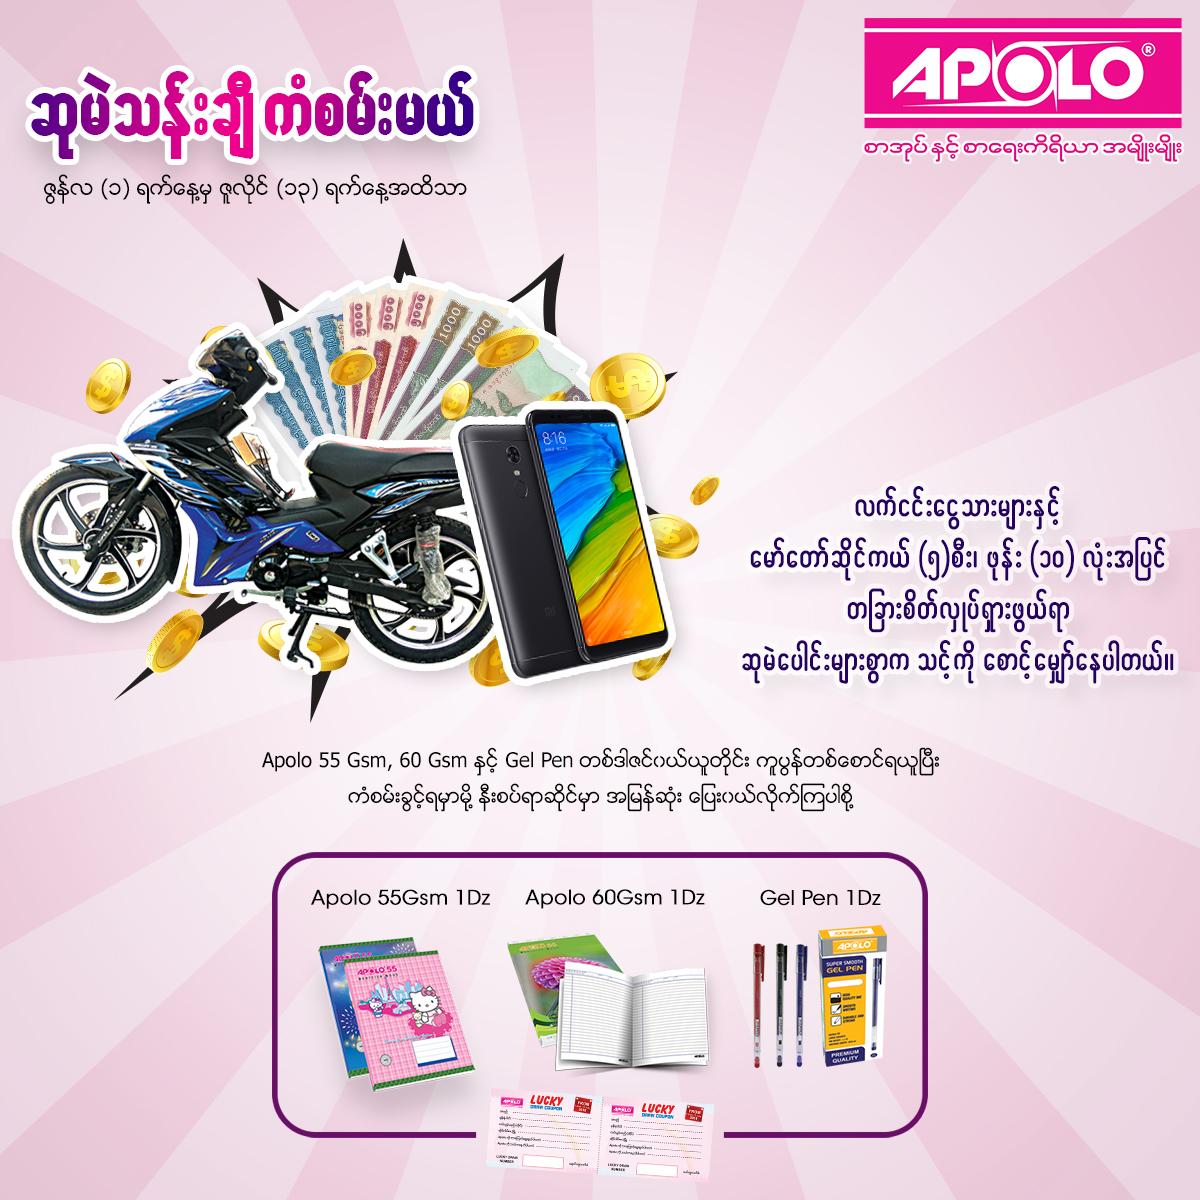 Apolo Promotion Photo.jpg